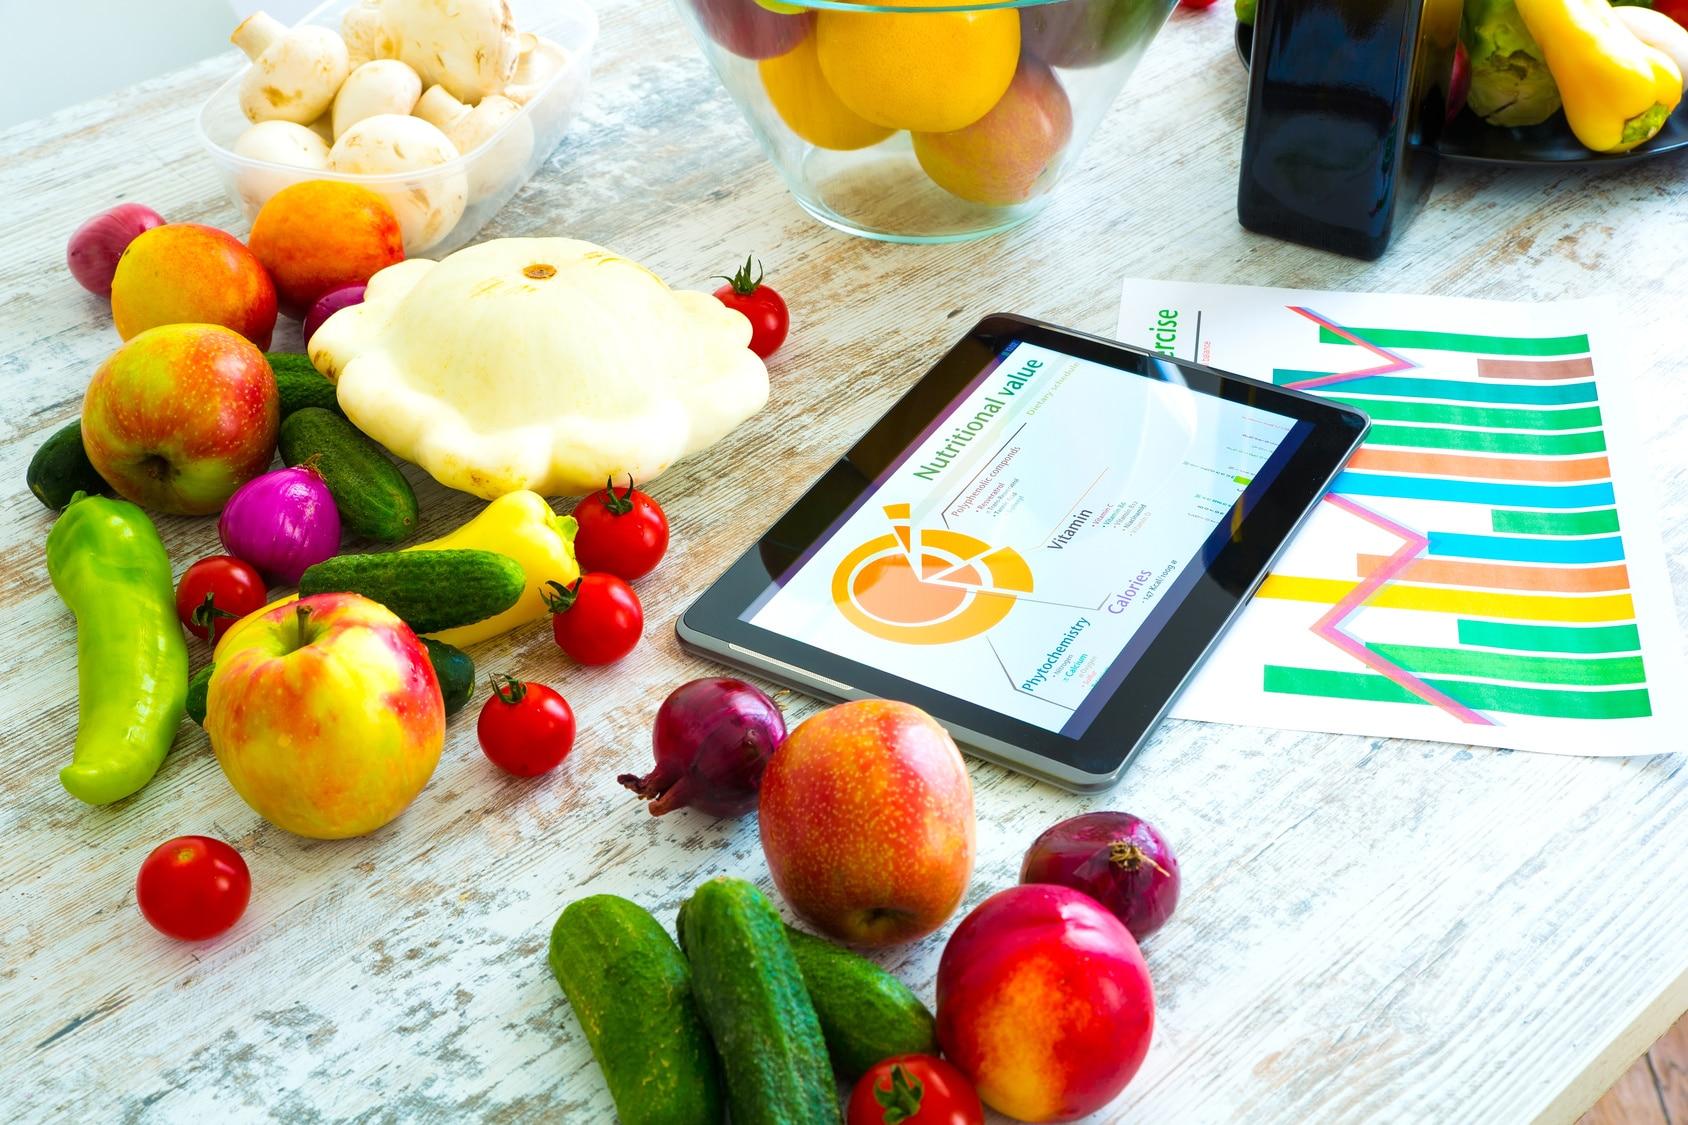 Curso Técnico em Alimentos | Central Pronatec